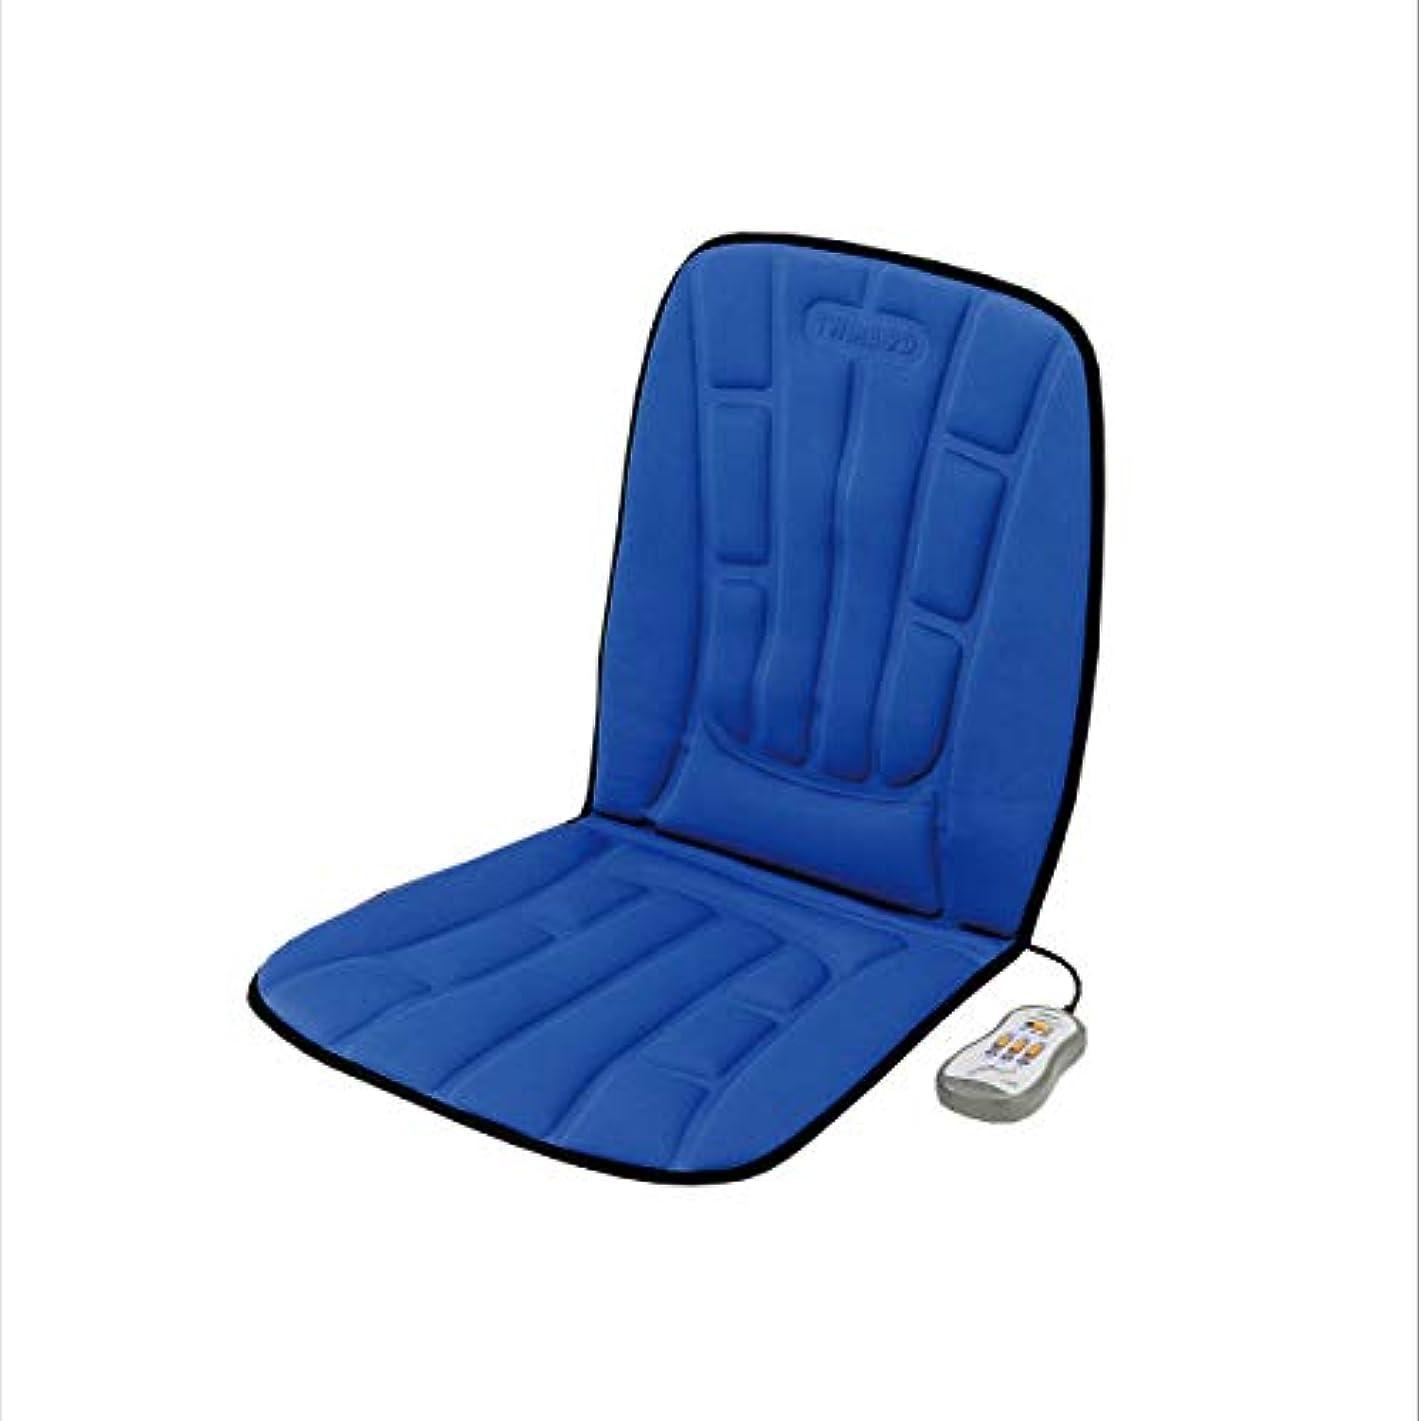 起きて熱狂的なウイルスツインバード シートマッサージャー ブルー EM-2537BL